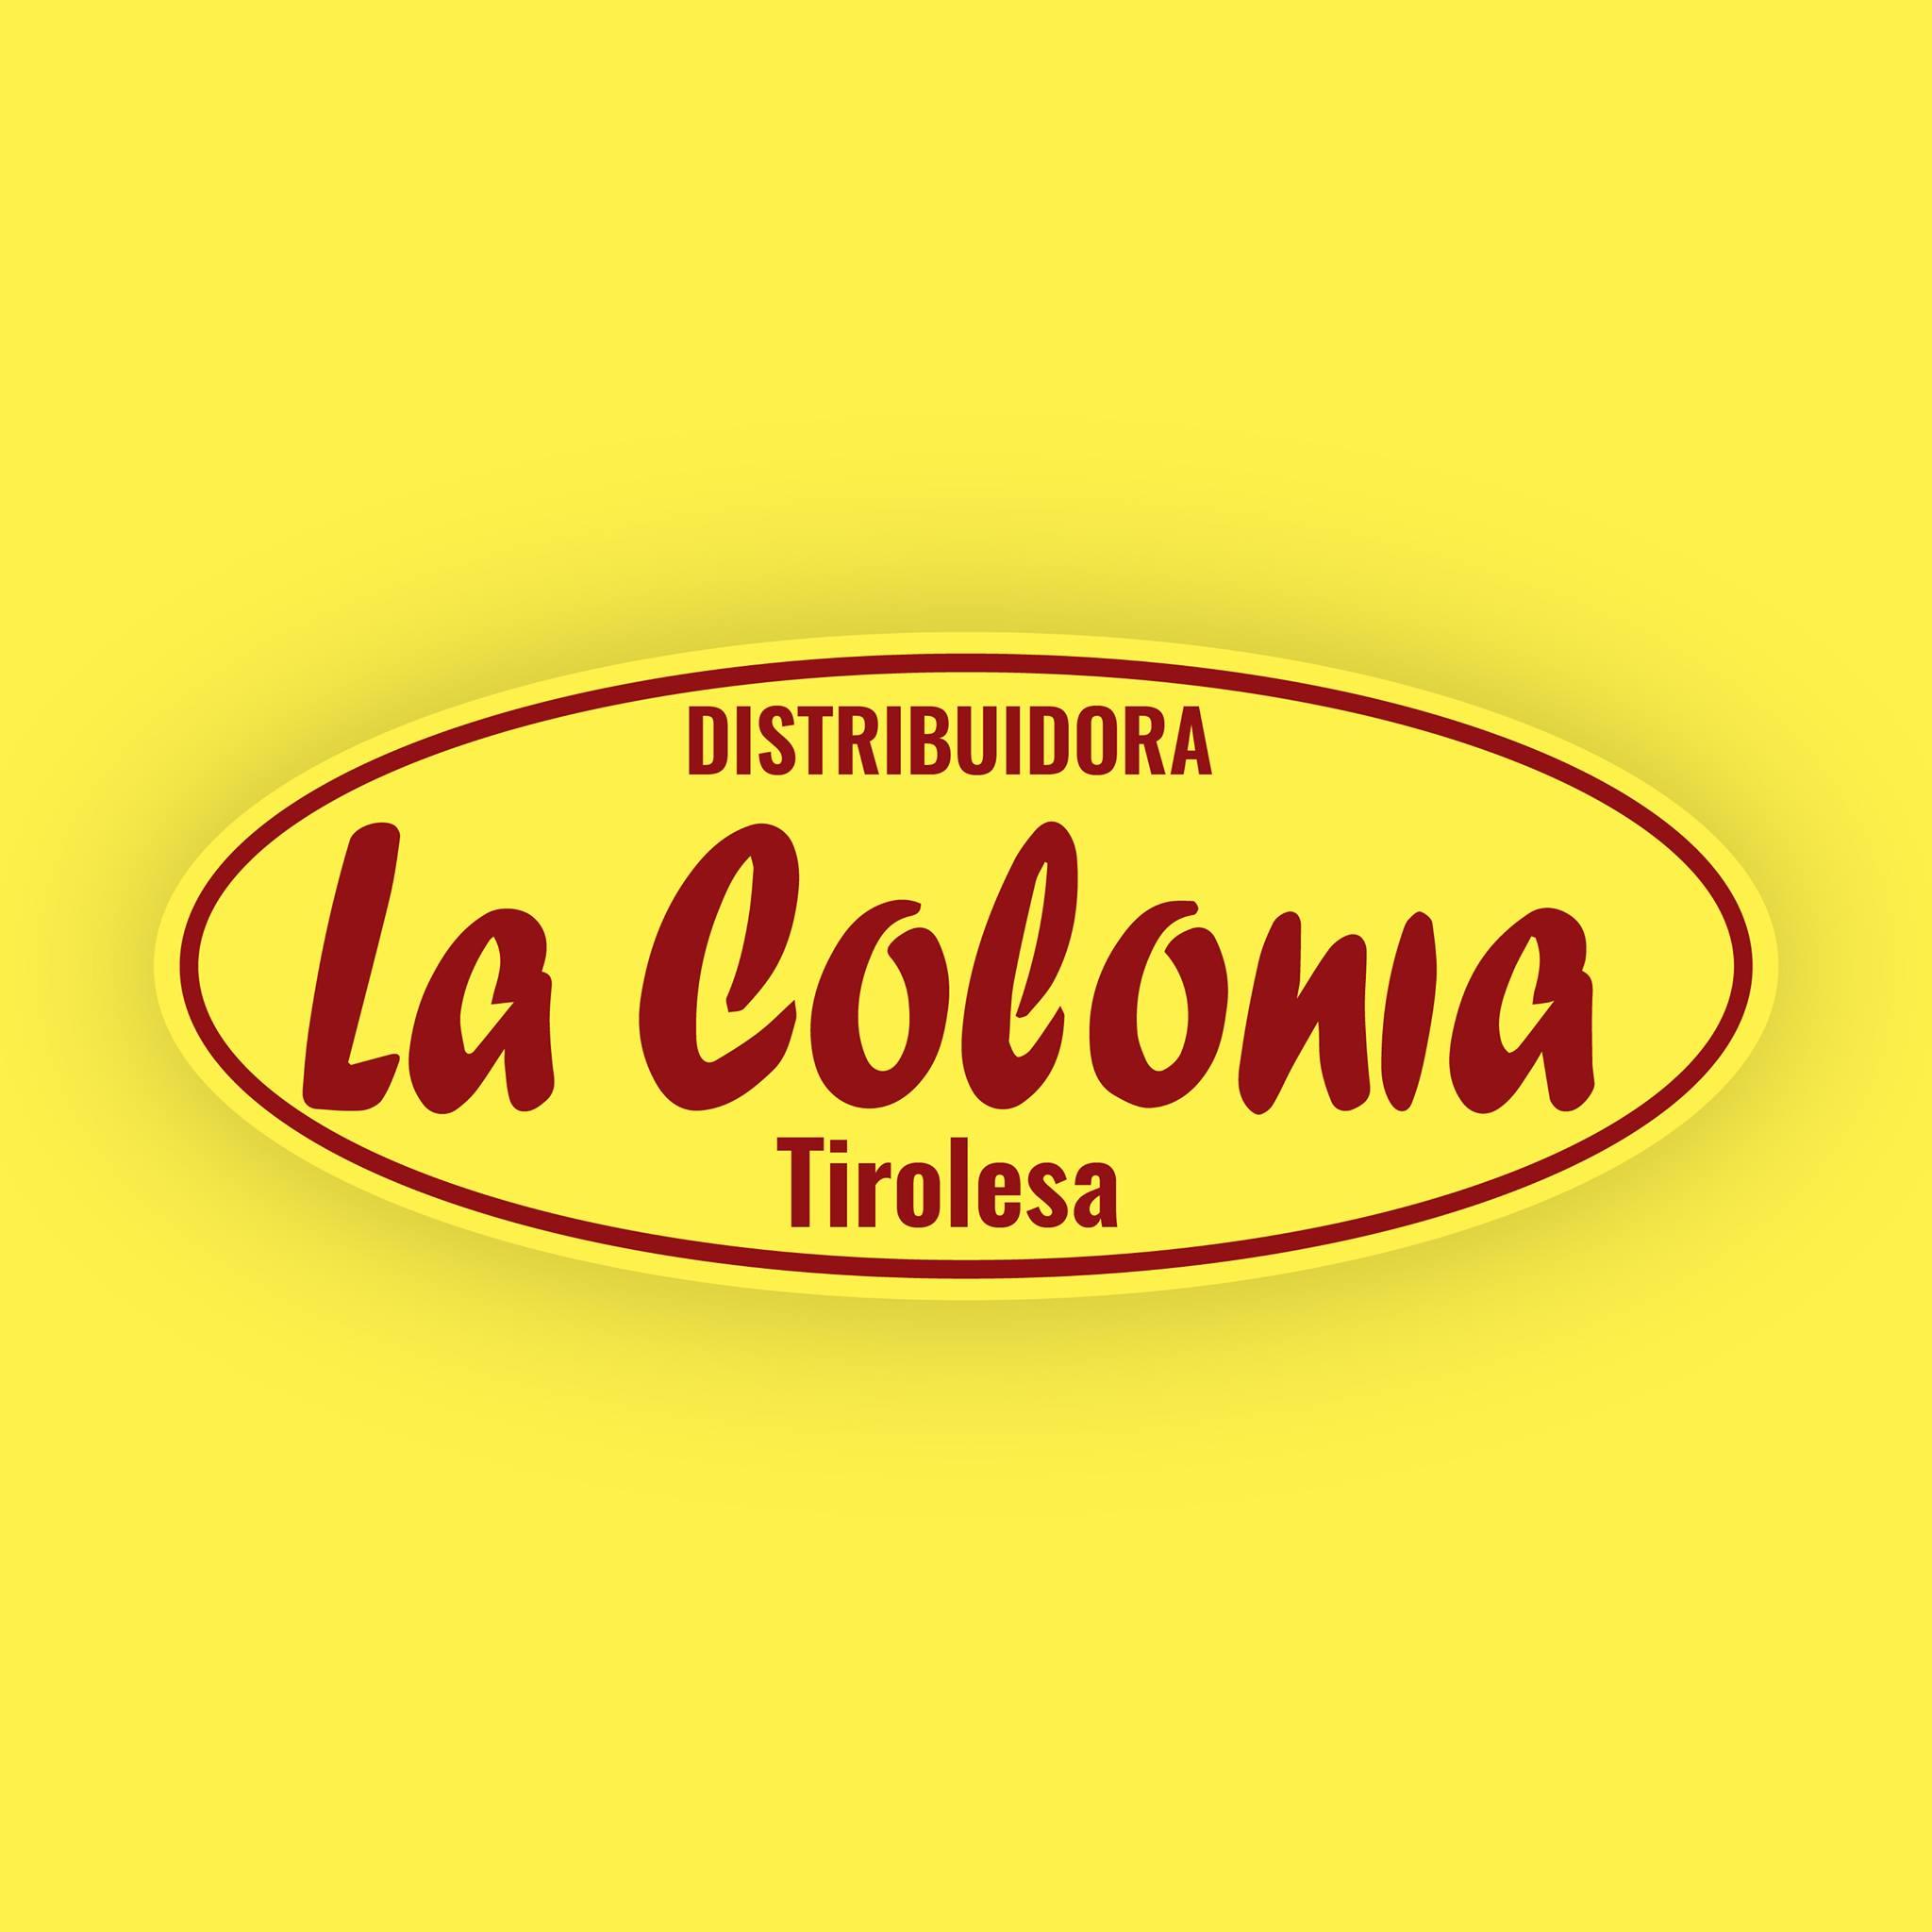 DISTRIBUIDORA LA COLONIA TIROLESA